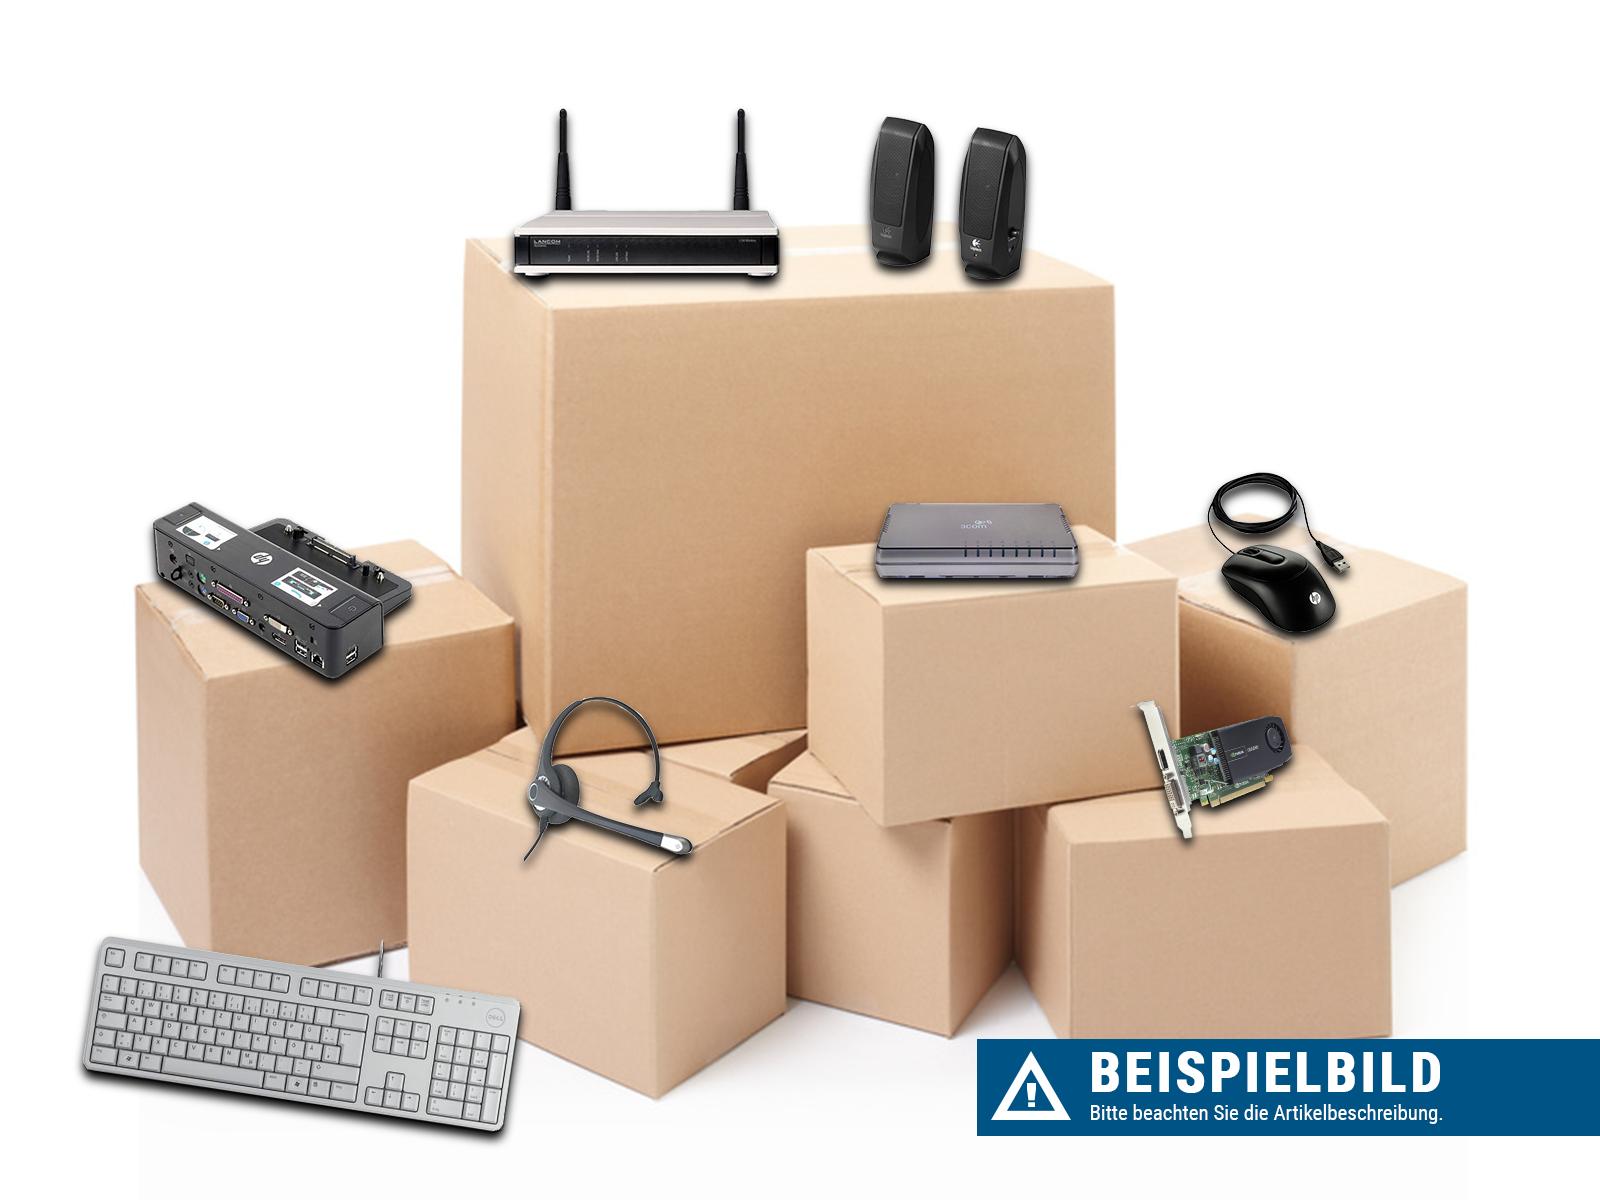 Telekommunikation PAKET: 83 Stück lt. Liste - Ohne Gewähr auf Vollständigkeit und Funktionsfähigkeit - ungetestet - shop.bb-net.de